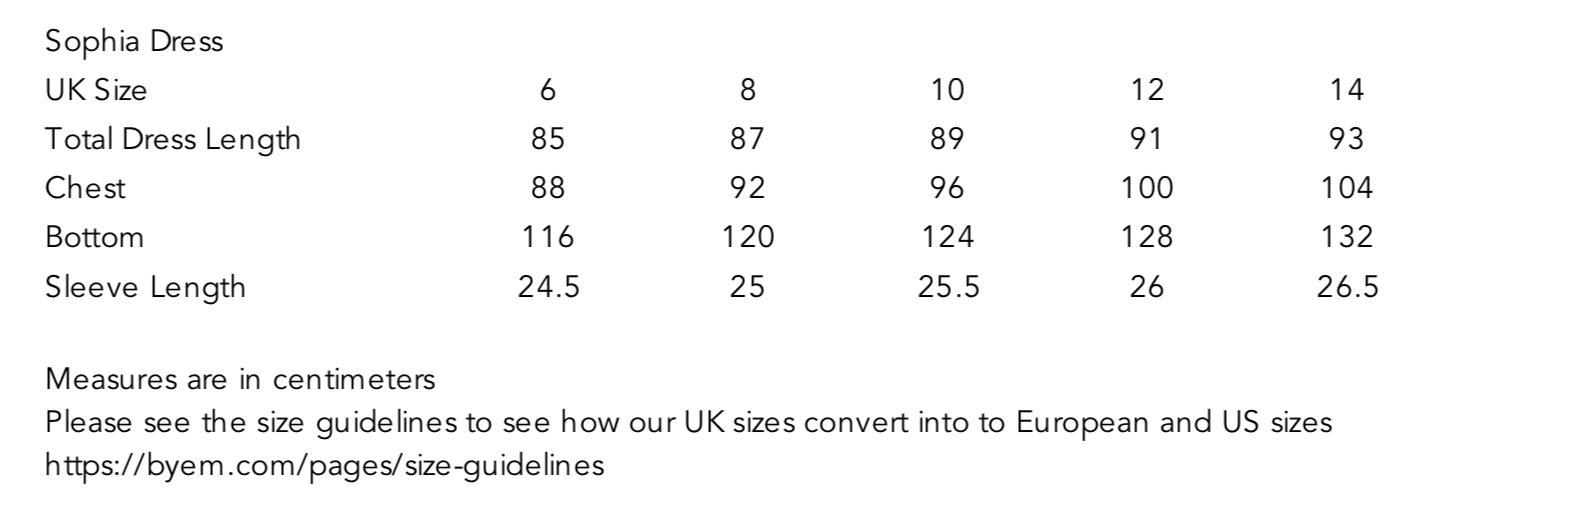 Sofia Dress Size Guide